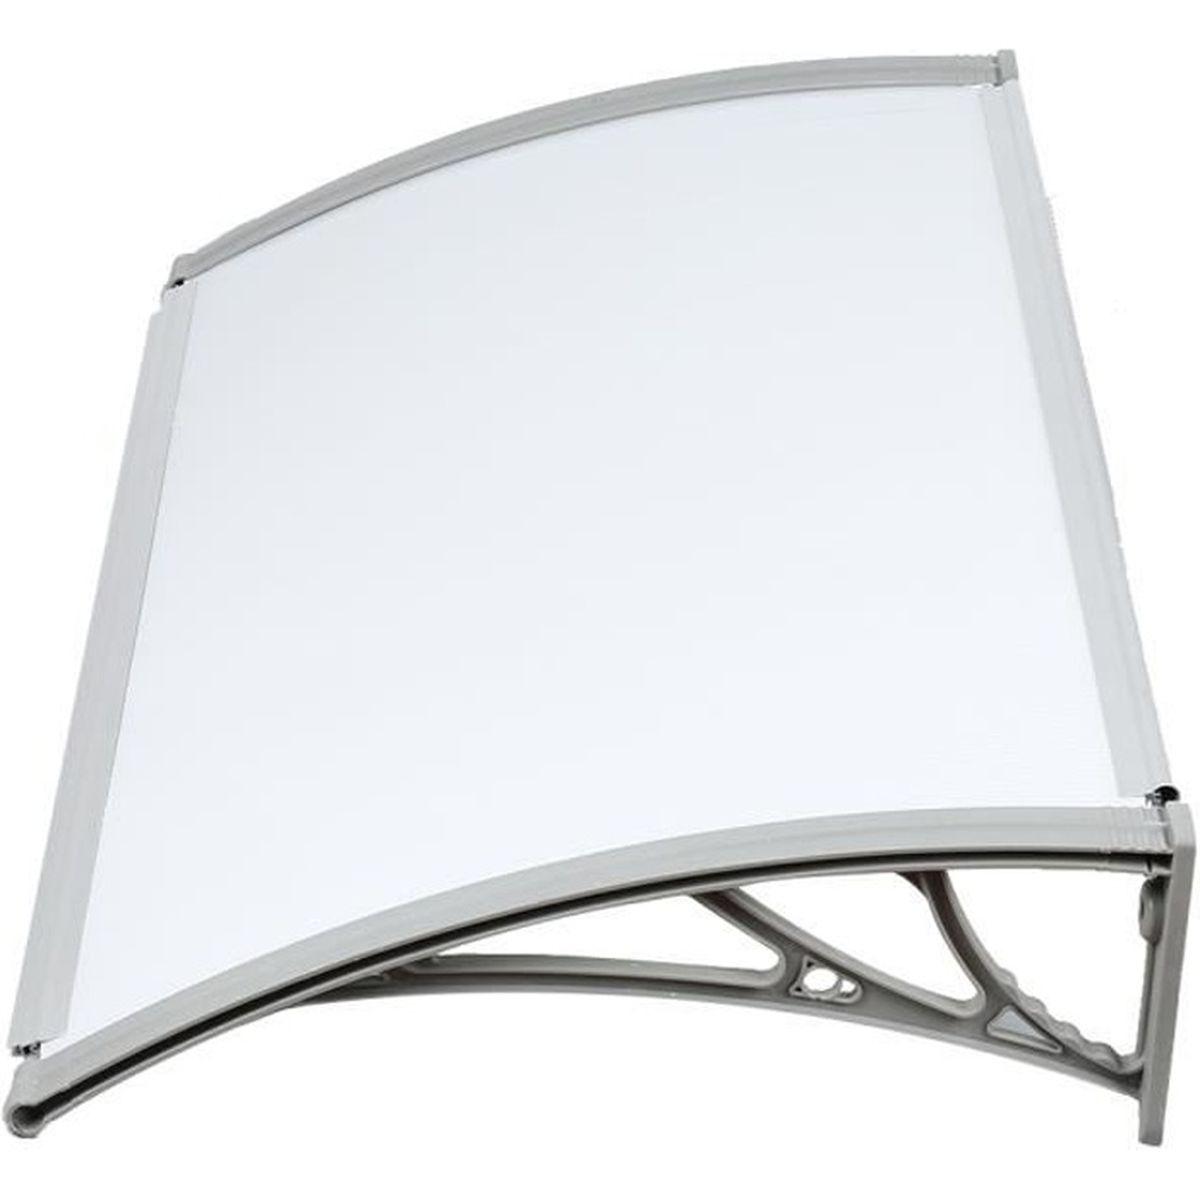 60x100cm auvent de porte diy d 39 entr e fen tre store marquise solaire abri banne entr e achat. Black Bedroom Furniture Sets. Home Design Ideas